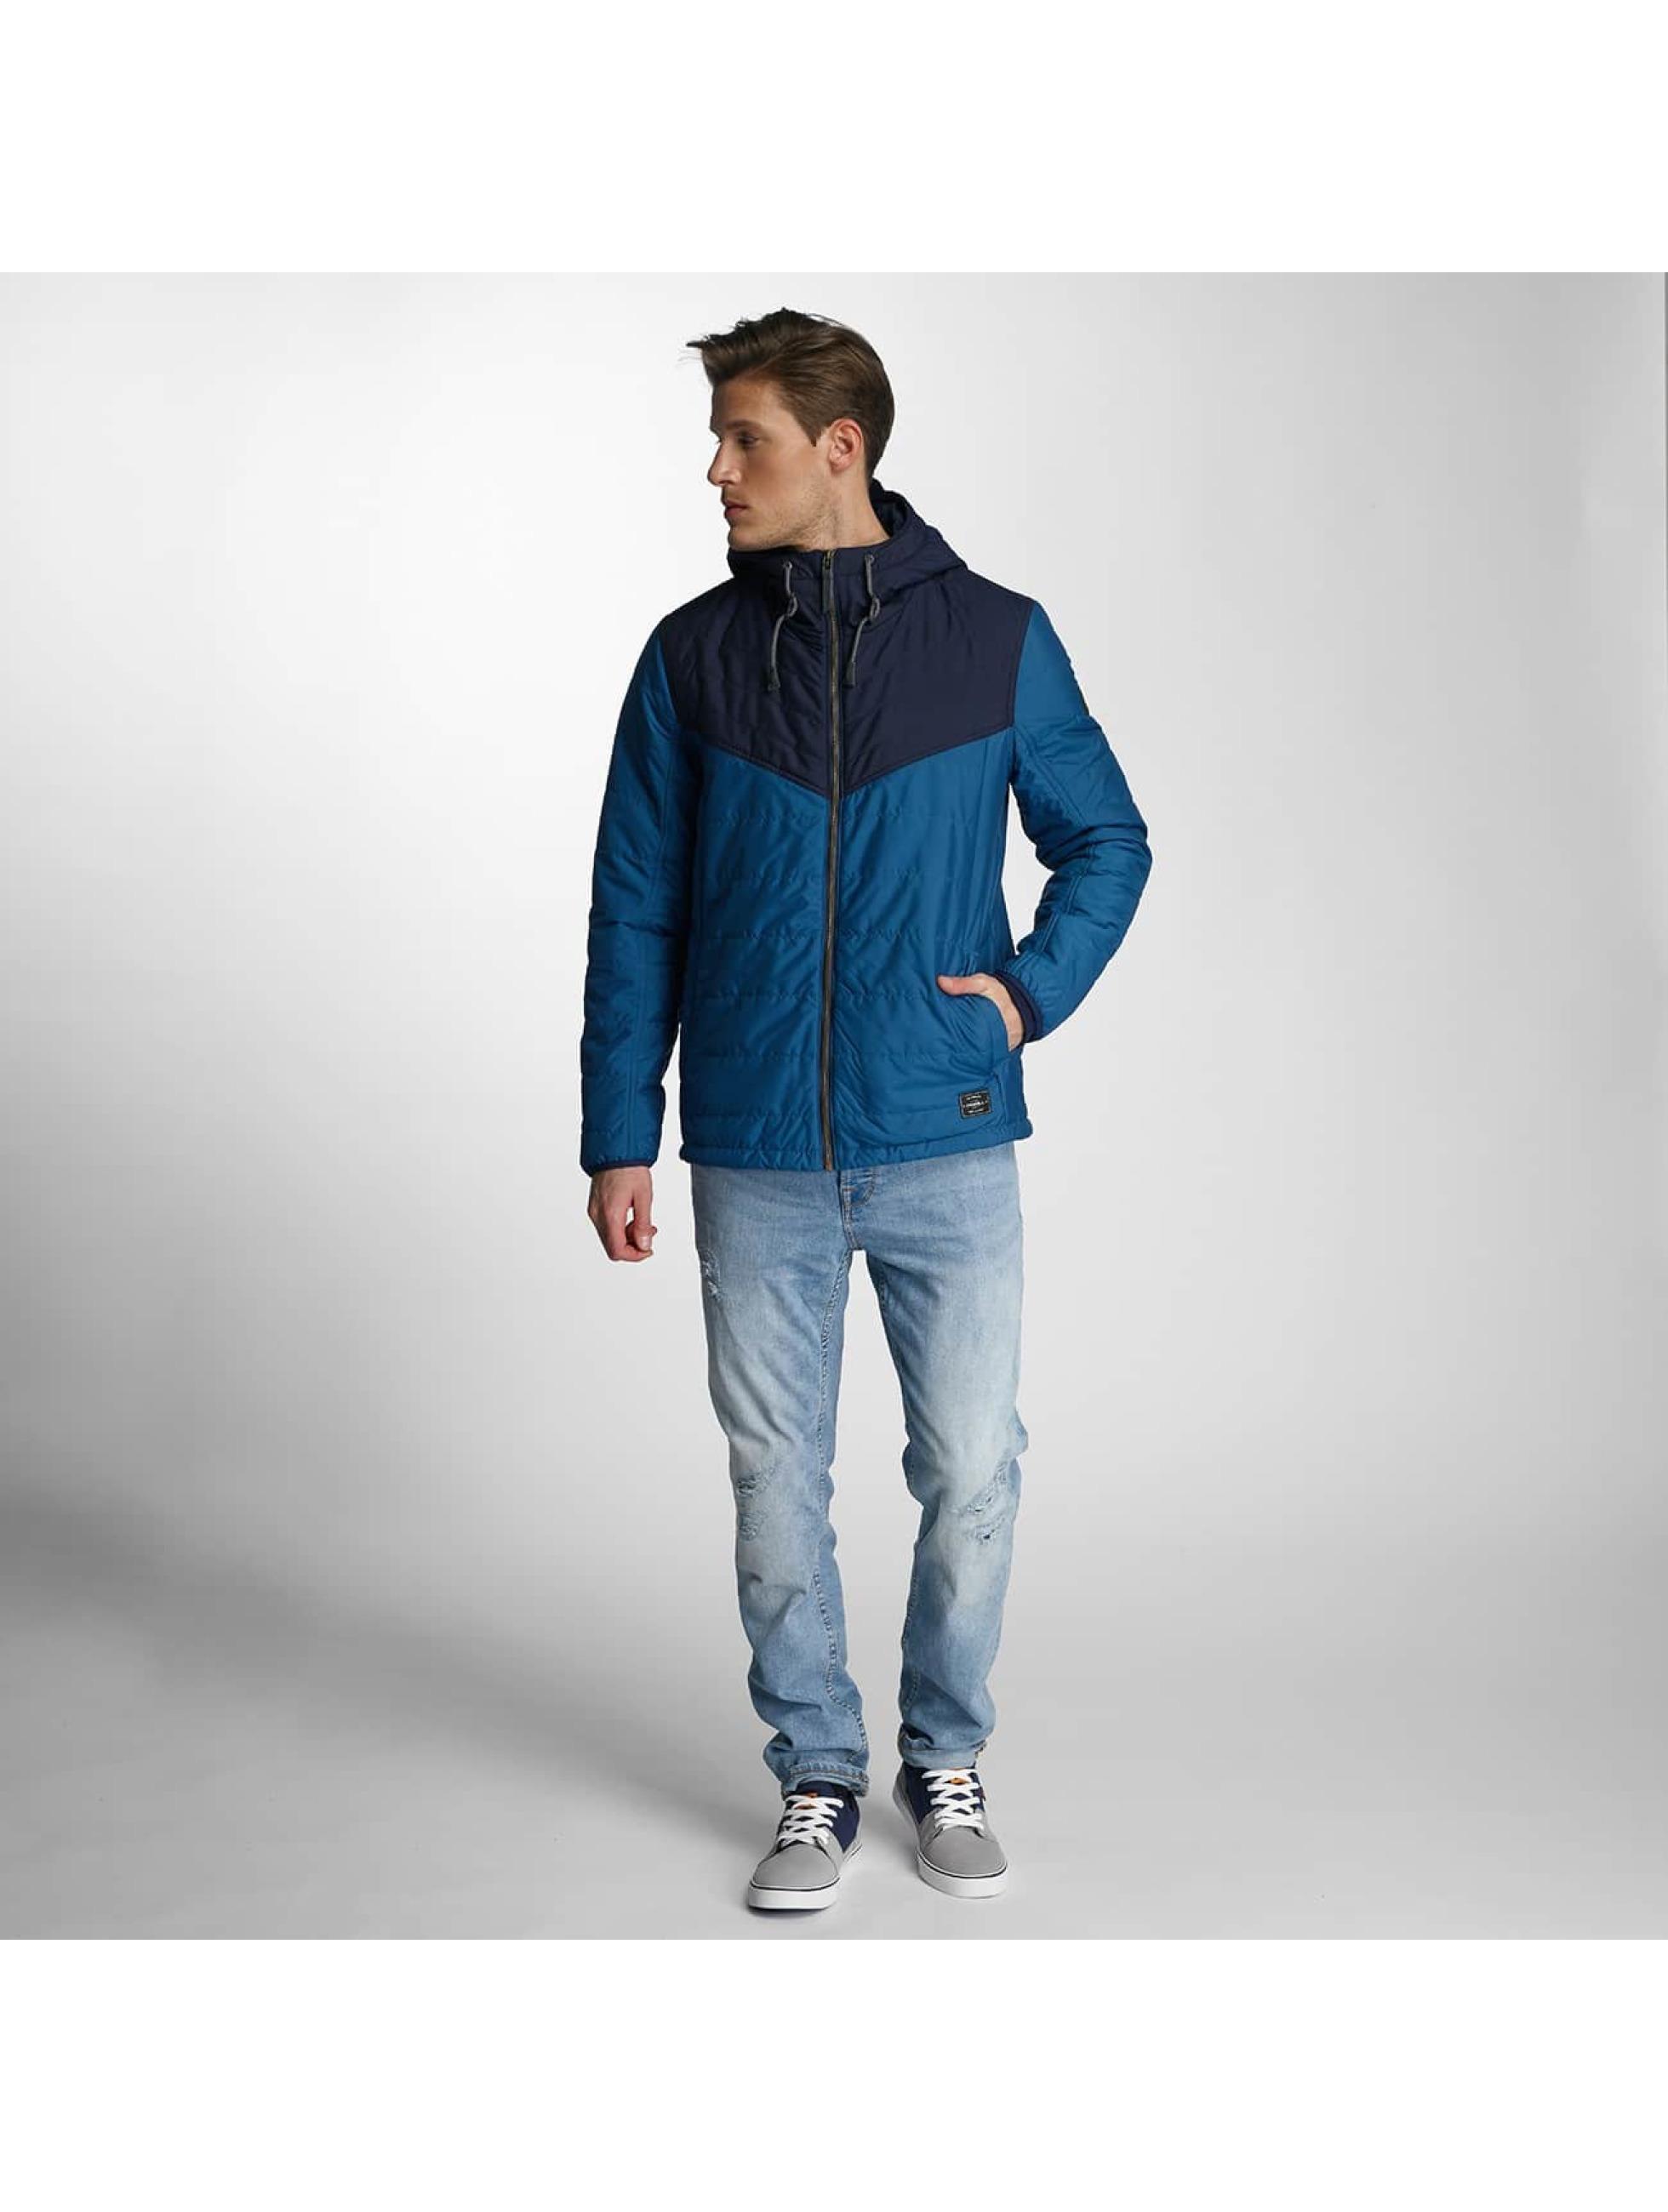 O'NEILL Lightweight Jacket AM Transit blue